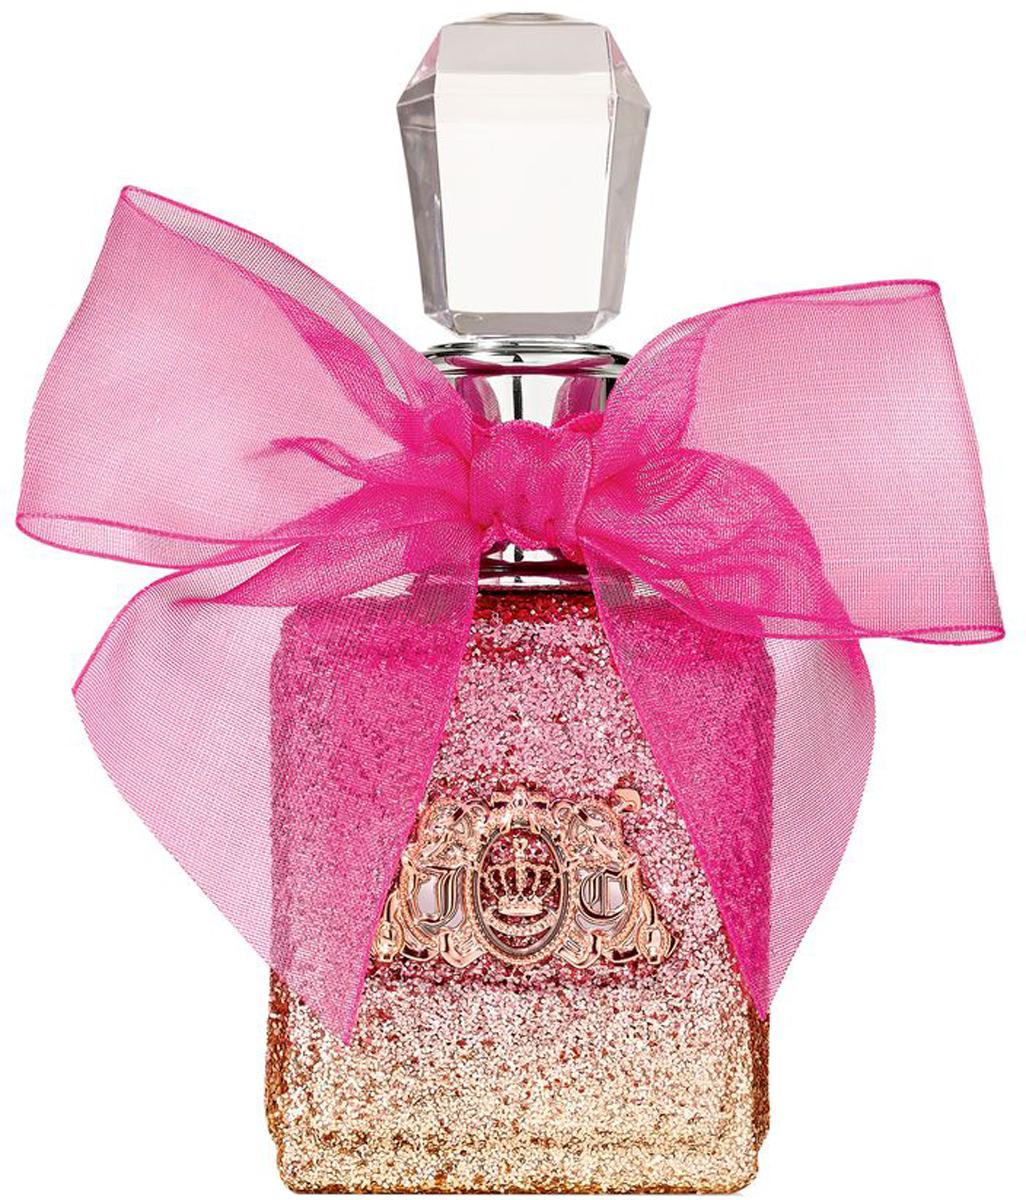 Juicy Couture Viva La Juicy Rose Парфюмерная вода женская, 30 млVJRF40003У Вас романтическое настроение? Окружите себя Juicy Rose и наслаждайтесь неземным сочетанием искрящихся цветов, которое несомненно пробудит в Вас безнадежного романтика.